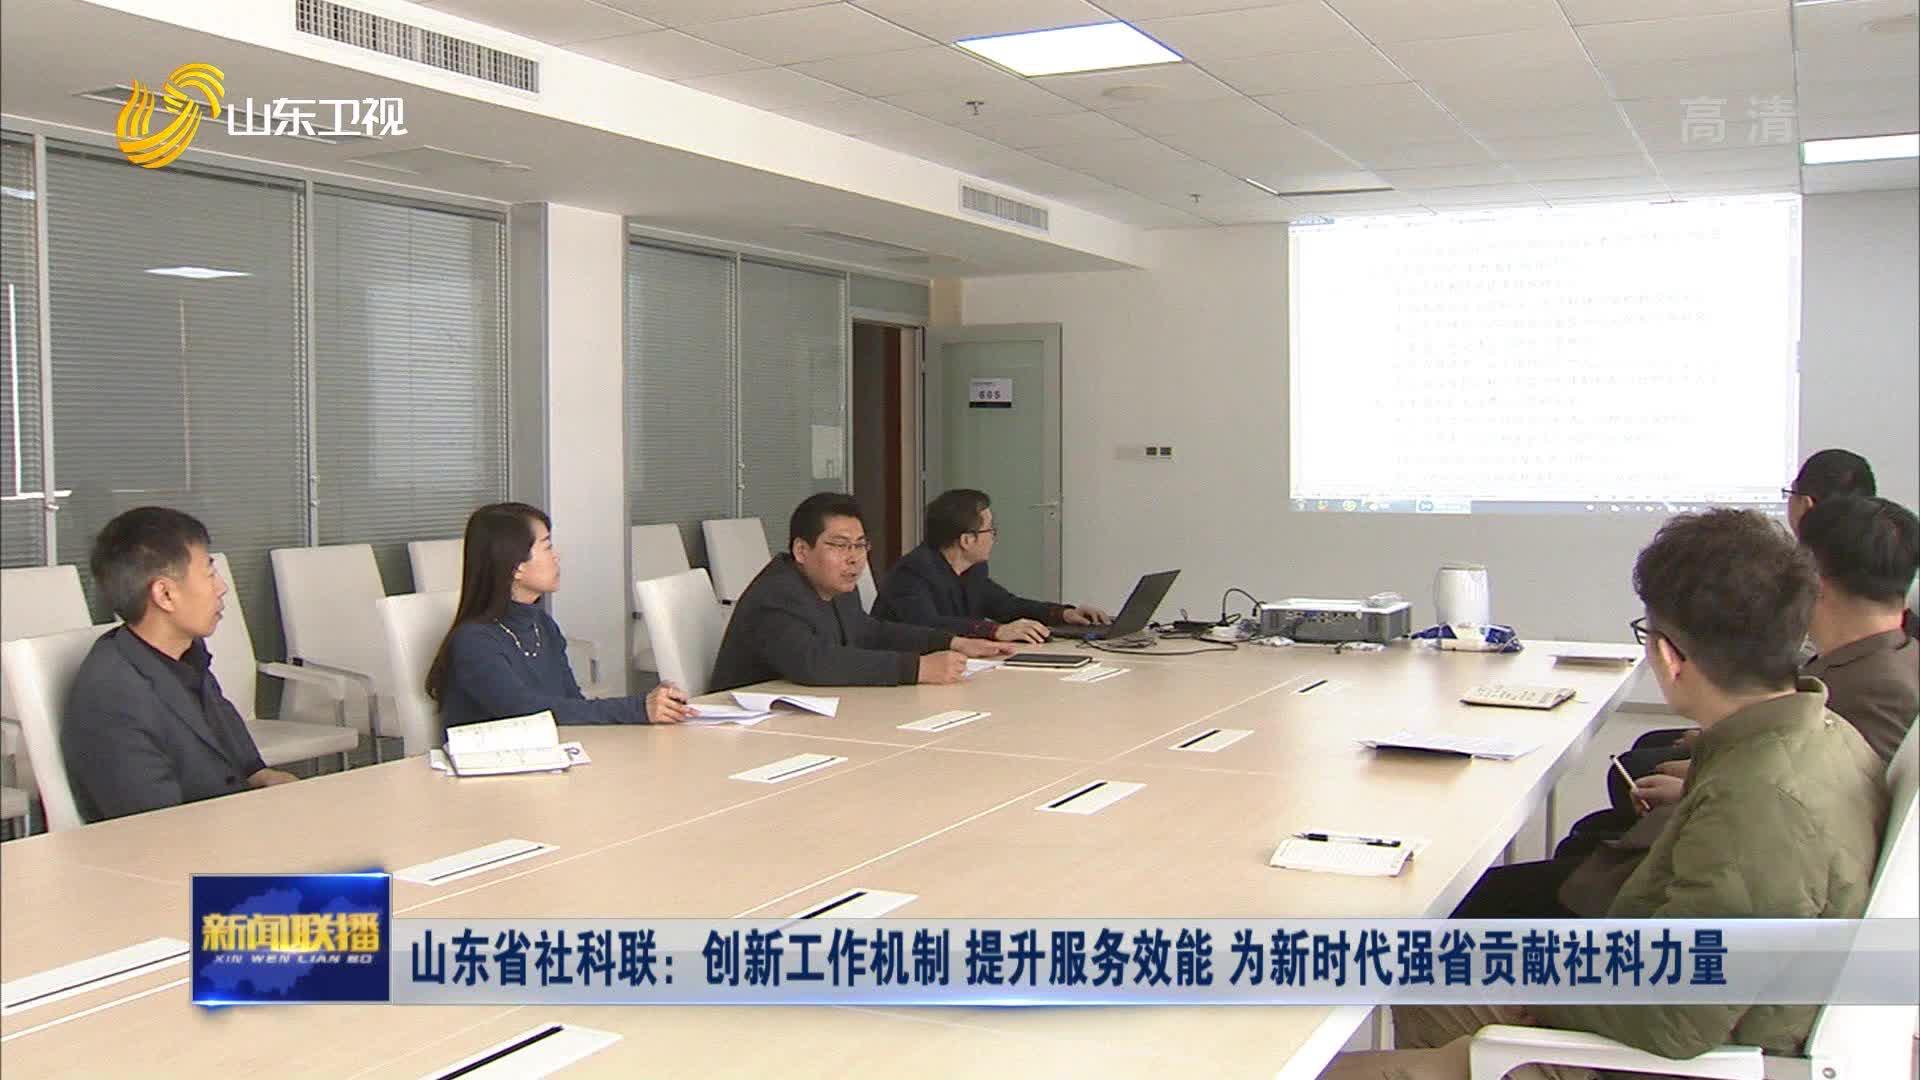 山东省社科联:创新工作机制 提升服务效能 为新时代强省贡献社科力量